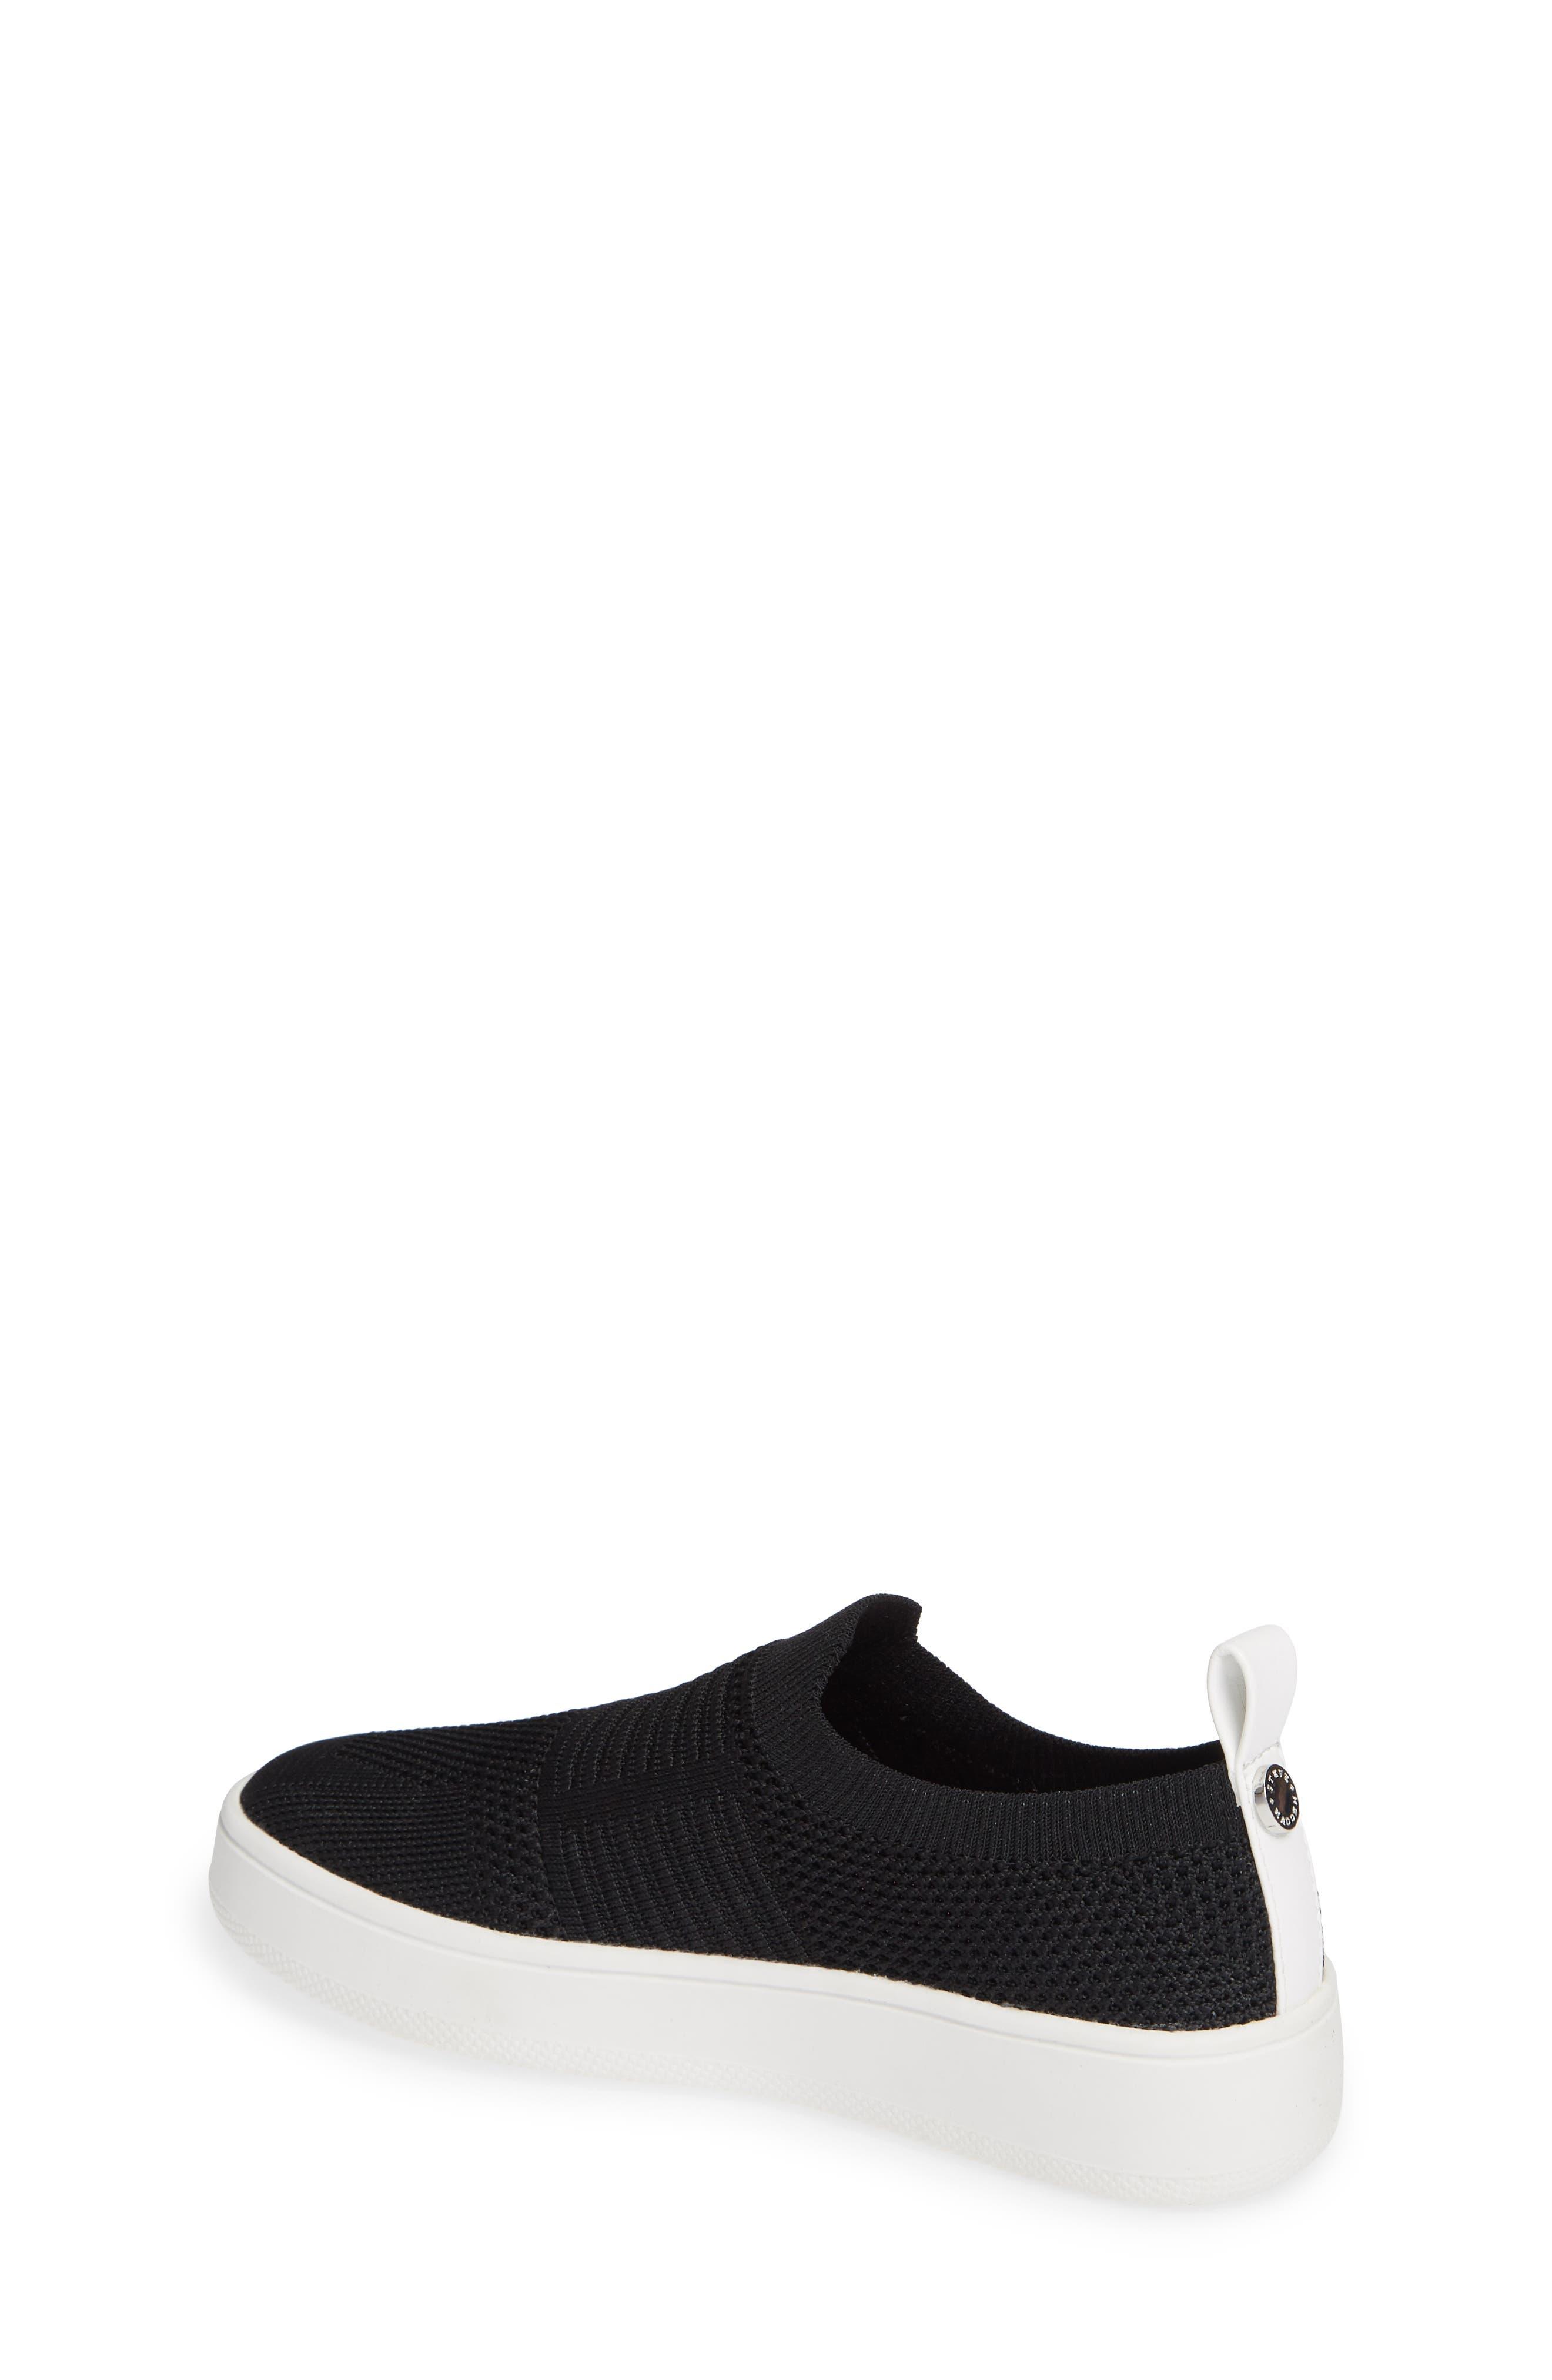 JBEALE Knit Slip-On Sneaker,                             Alternate thumbnail 2, color,                             017